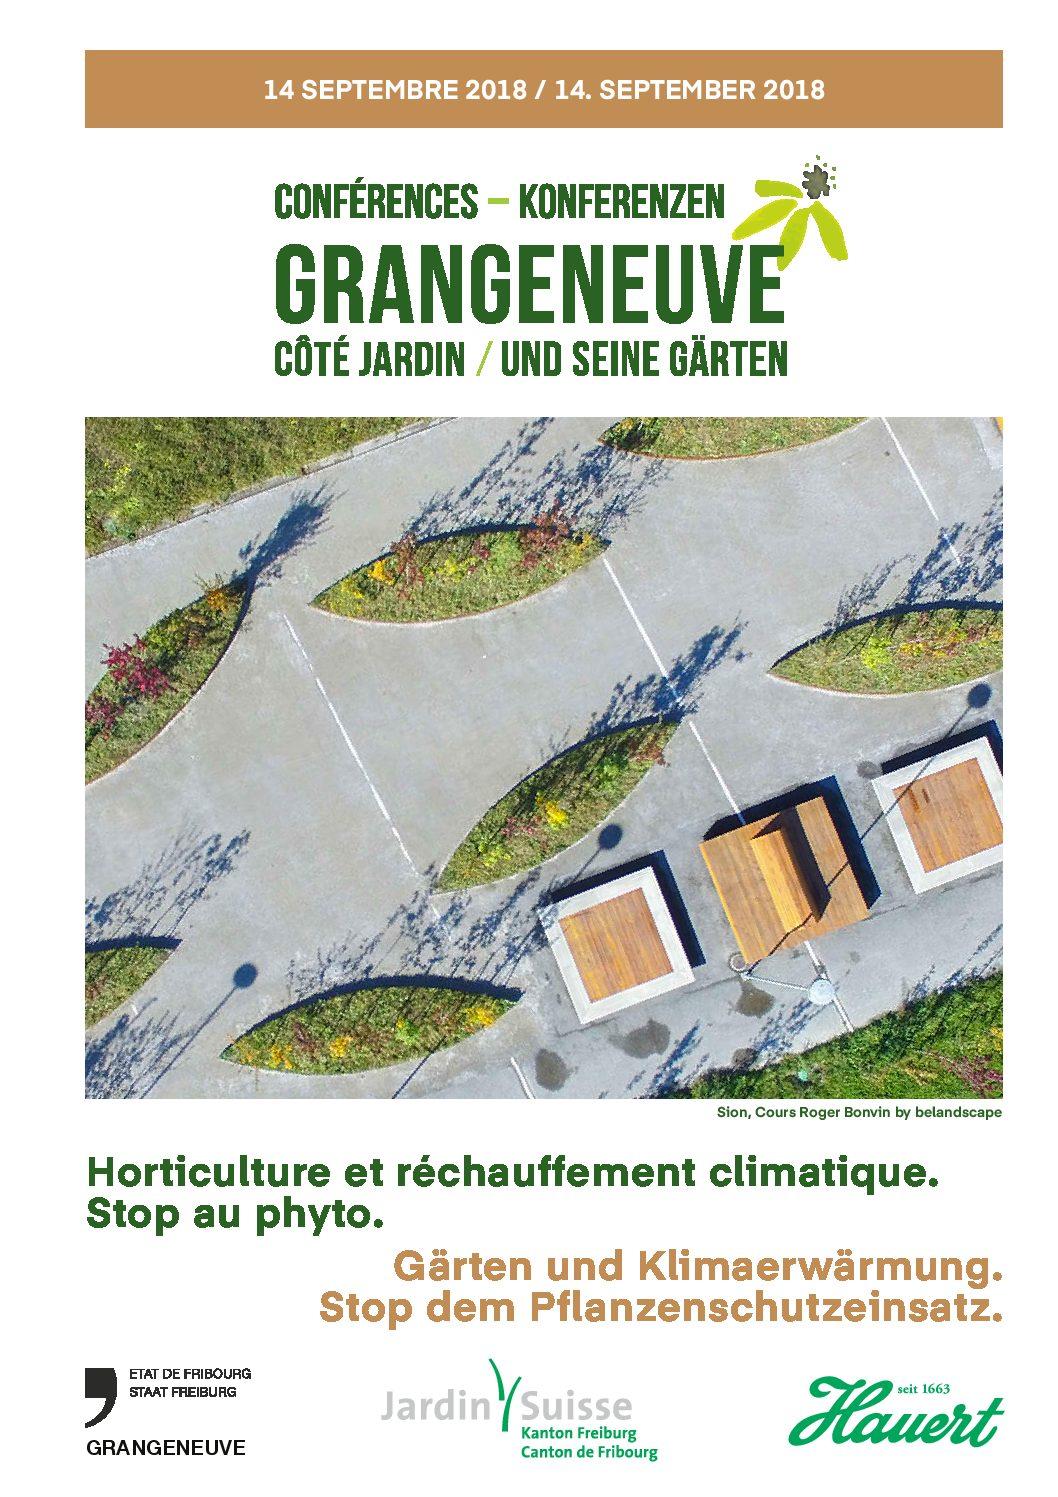 Conférence Grangeneuve – côté jardin: Horticulture et réchauffement climatique. Stop au phyto